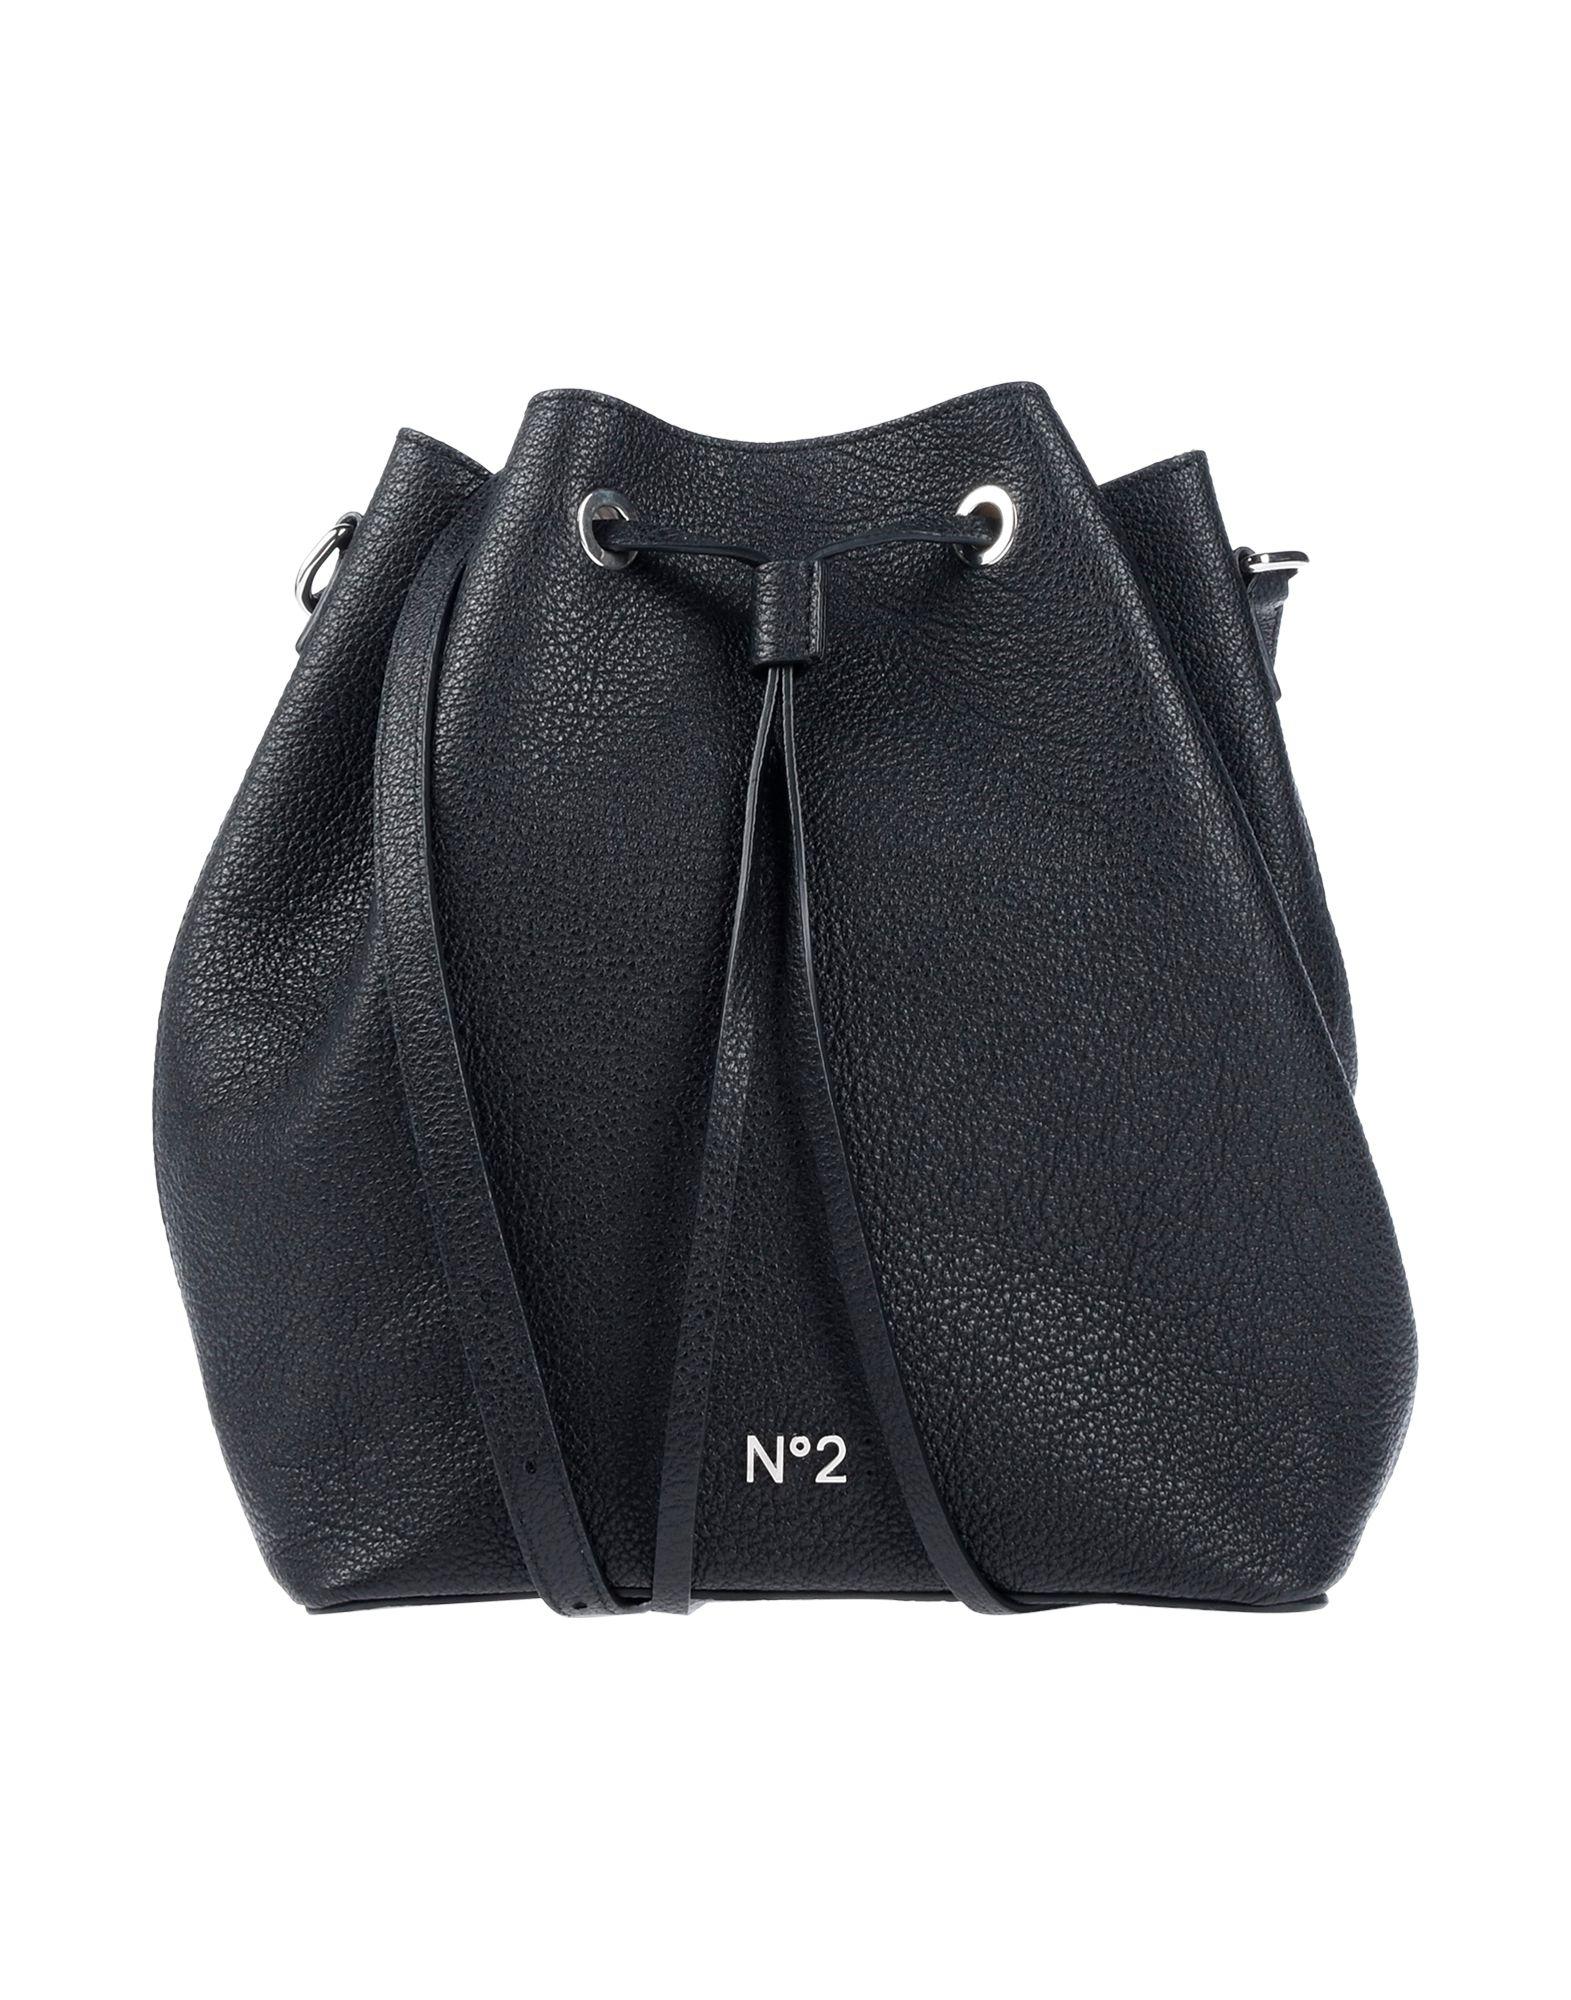 《送料無料》N°21 レディース メッセンジャーバッグ ブラック 革